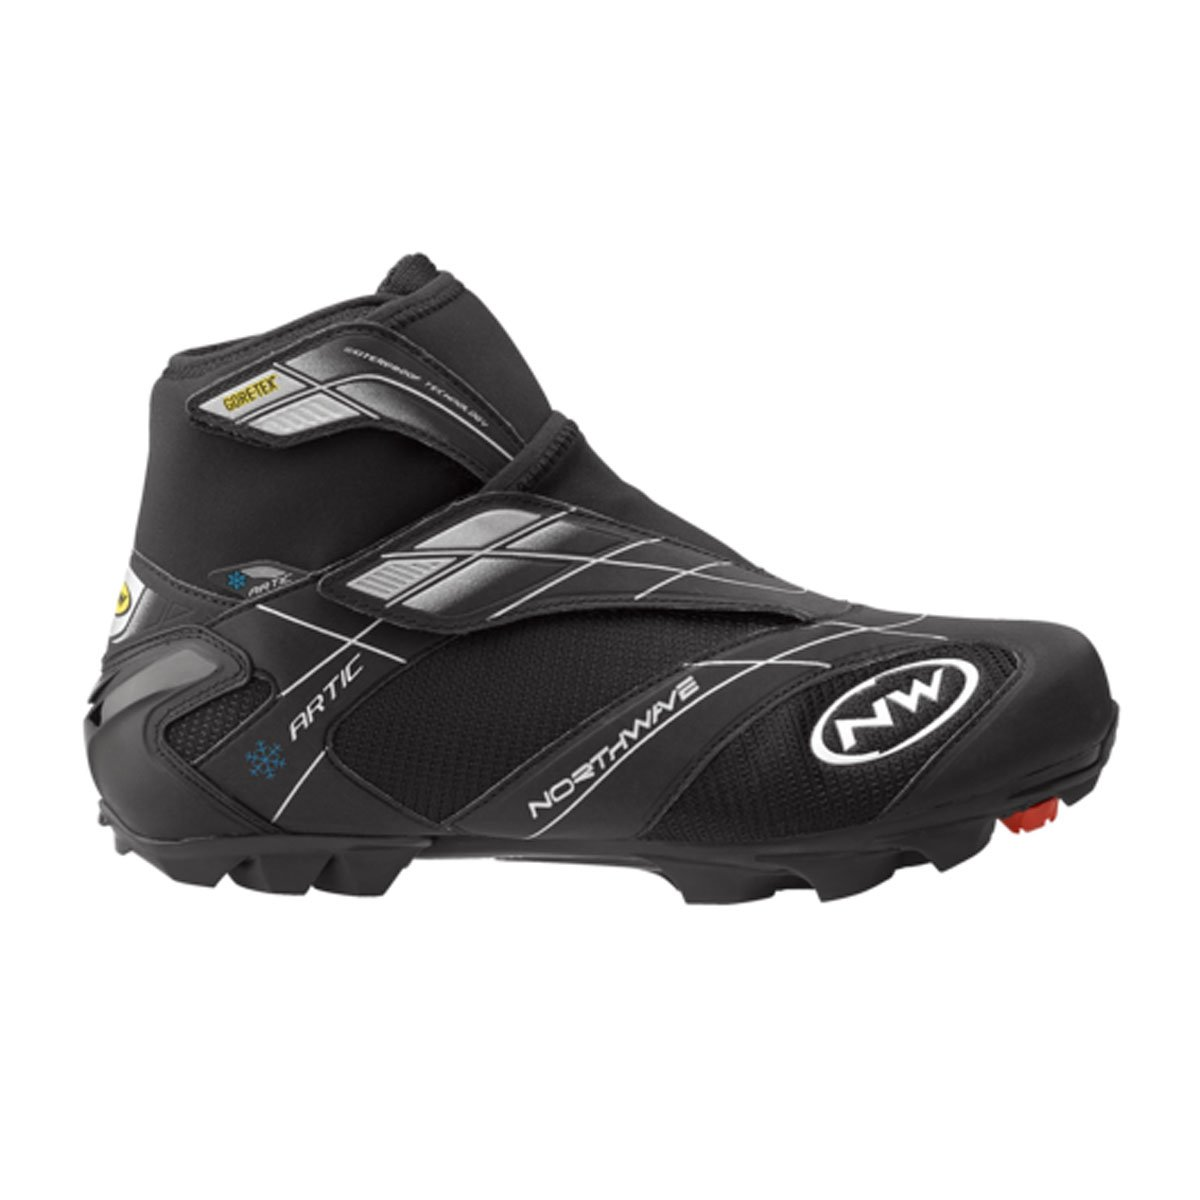 538c5a016dc41 Northwave Celsius Artic GTX Shoe - Men's